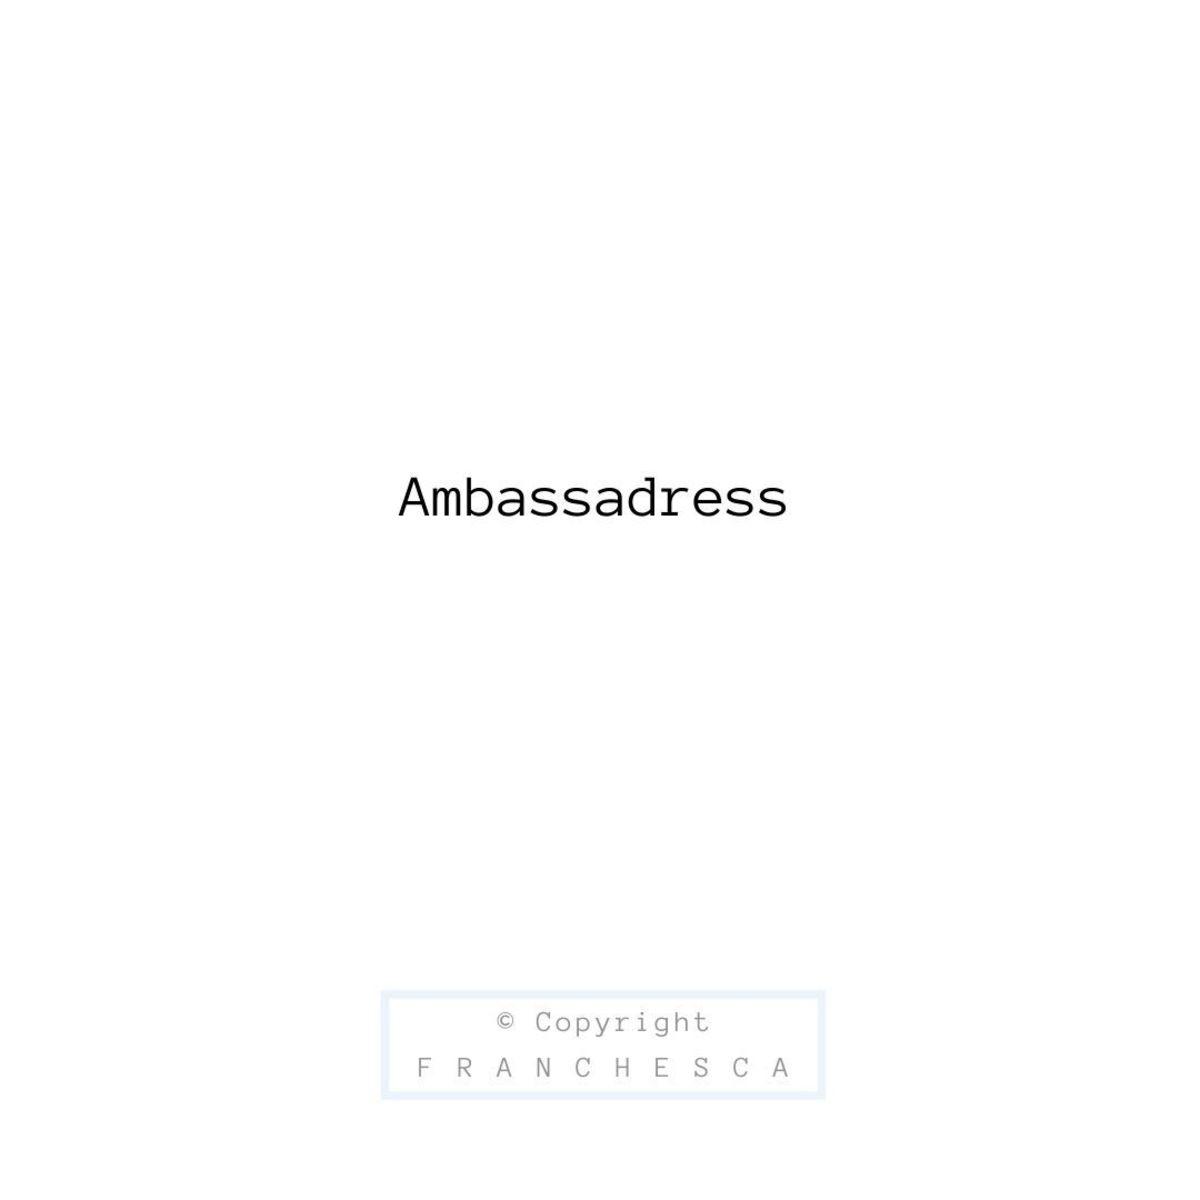 196th-article-ambassadress